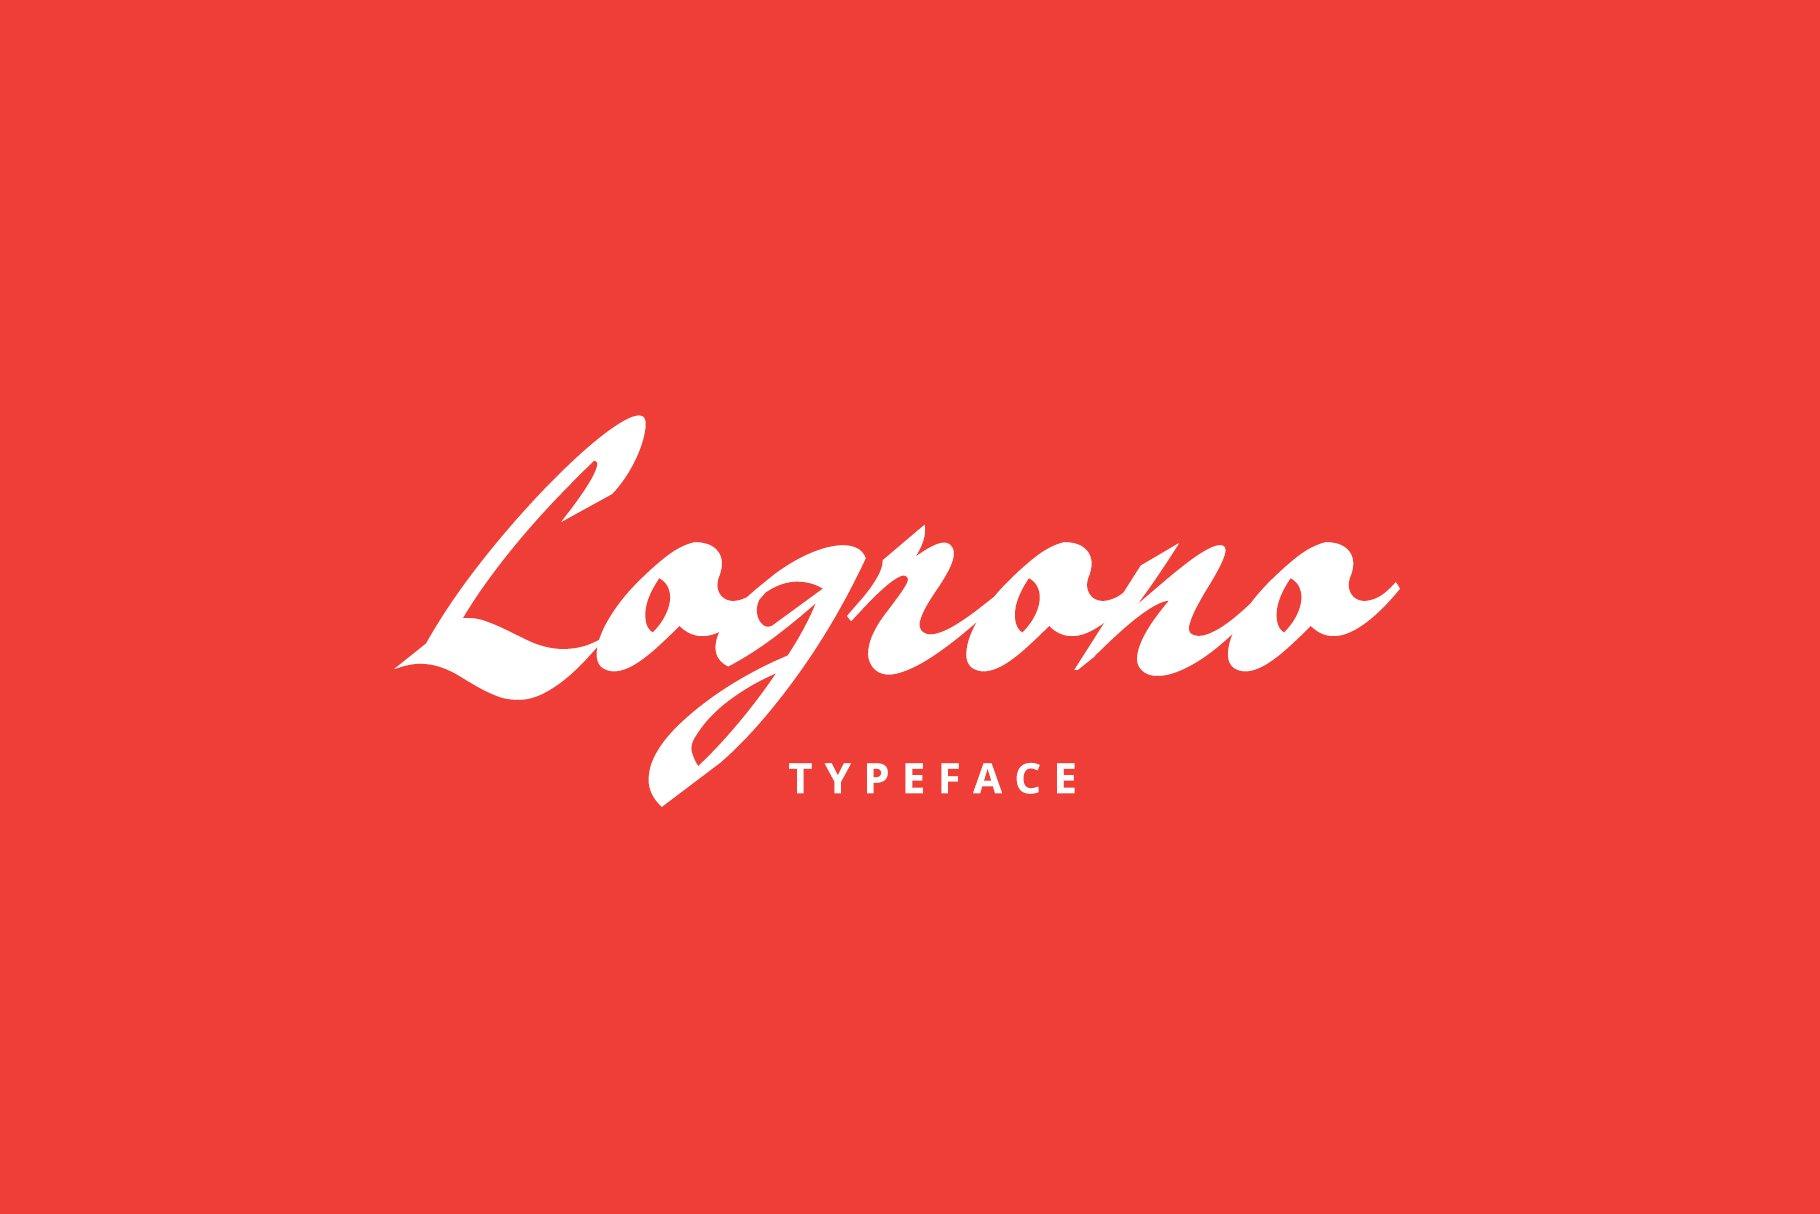 Logrono Typeface example image 1